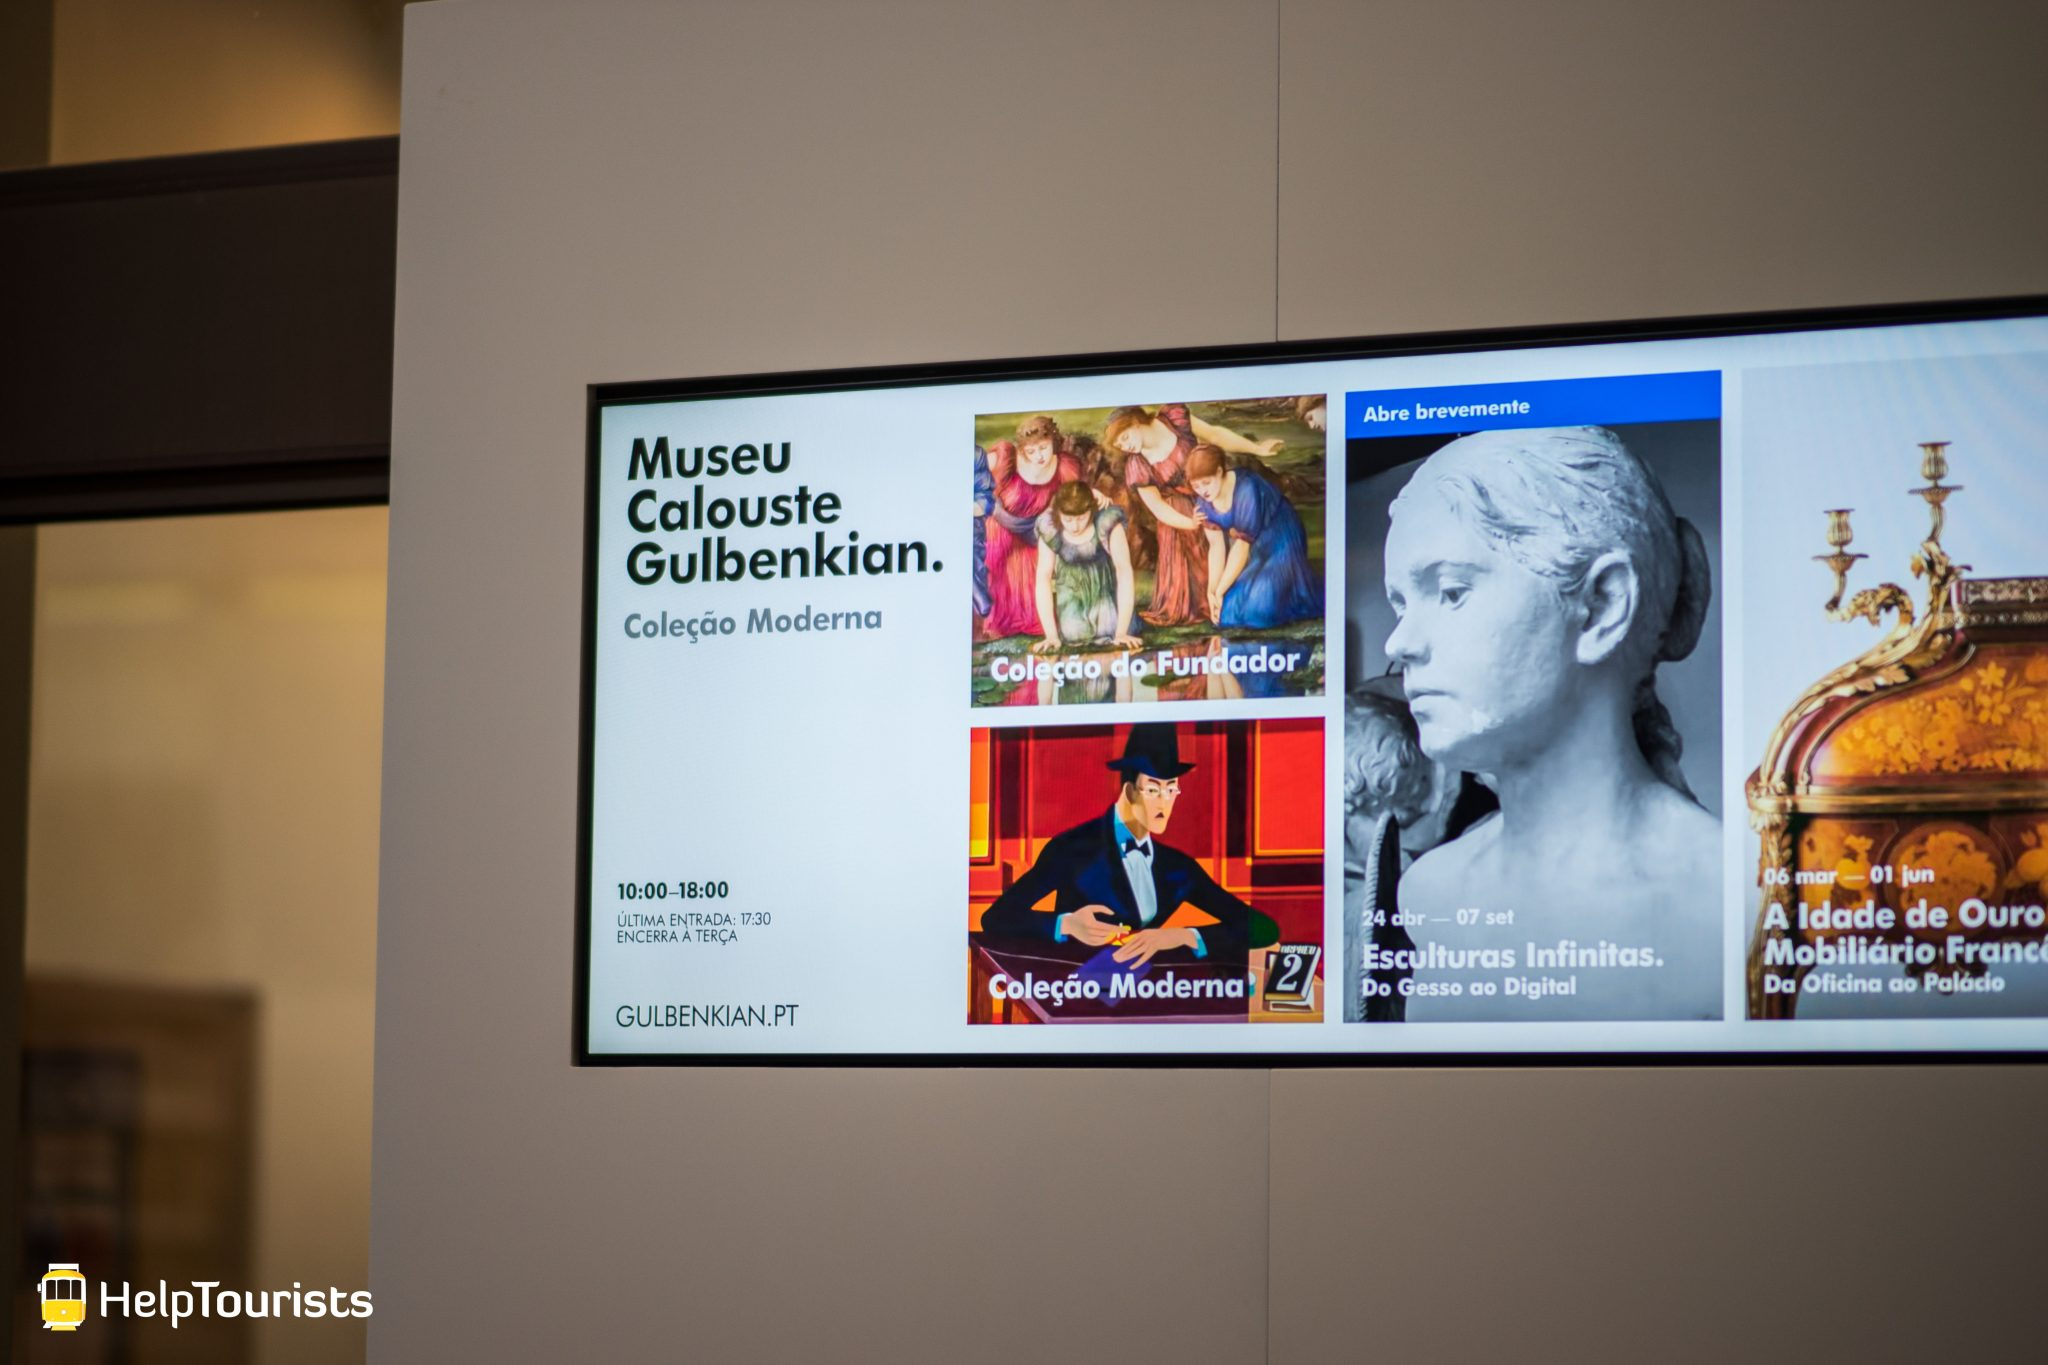 Lissabon_Museu-Calouste-Gulbenkian_Innen_Bildschirm